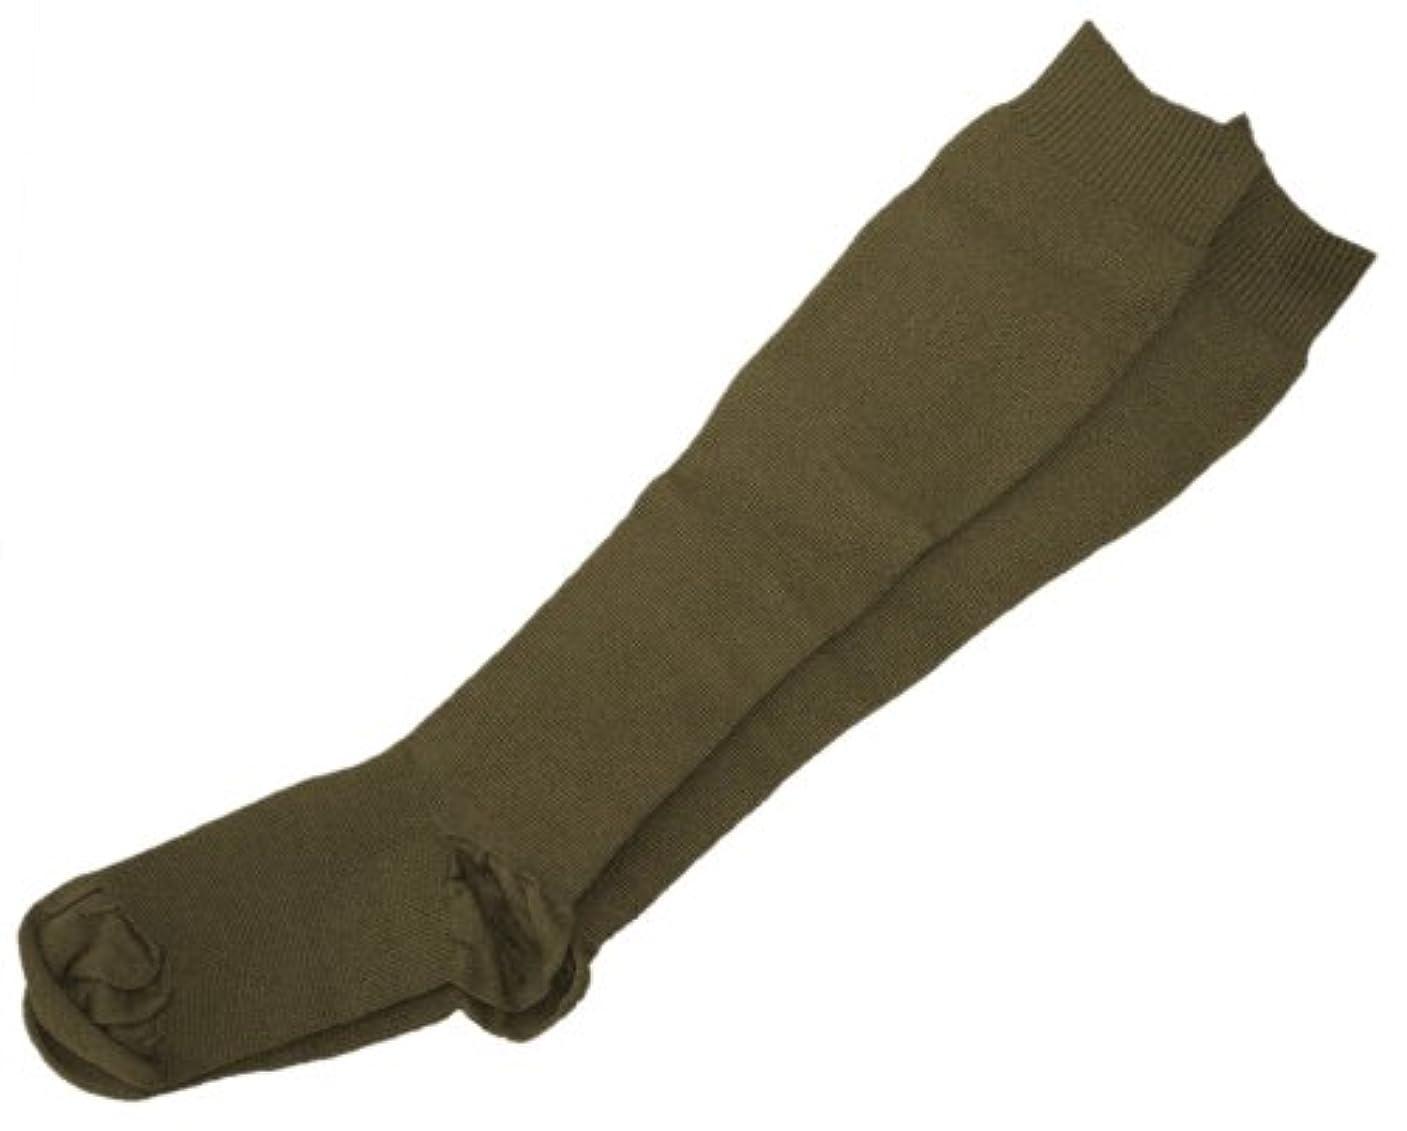 いつでも確かめるがっかりするギロファ スタンダードソックス ブラウン Mサイズ(24.0~25.5cm)